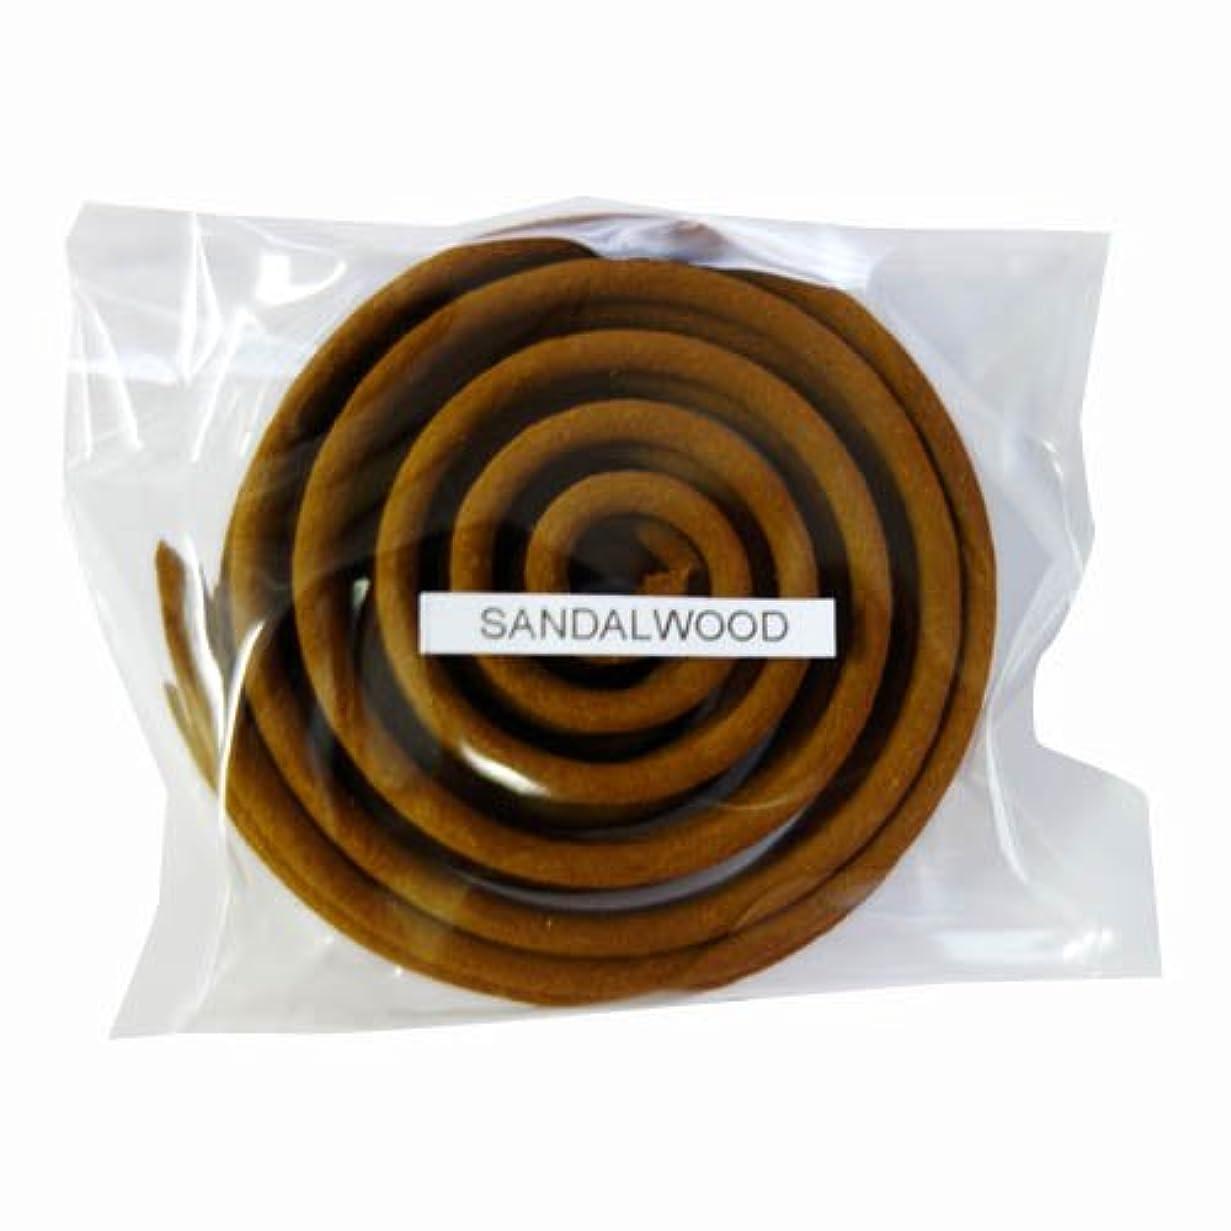 埋め込むポーン哀れなお香/うずまき香 SANDALWOOD サンダルウッド 直径6.5cm×5巻セット [並行輸入品]